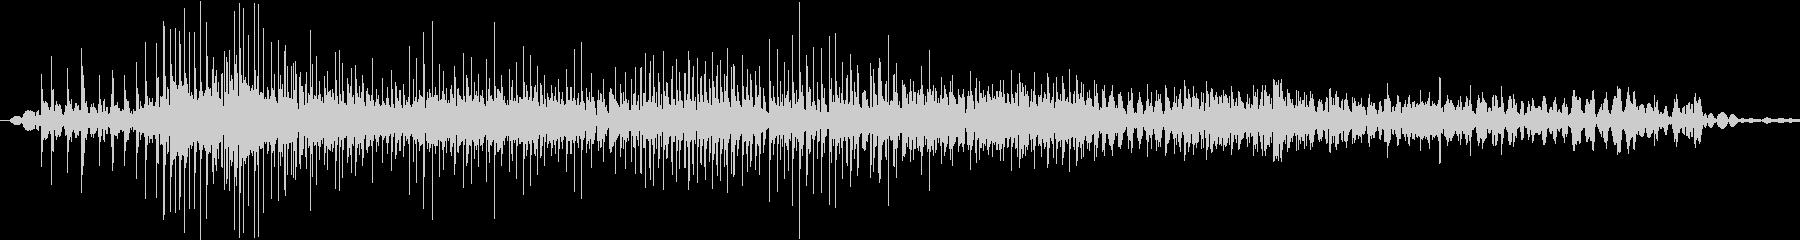 ジー(ジッパーの音※ゆっくり長め)の未再生の波形